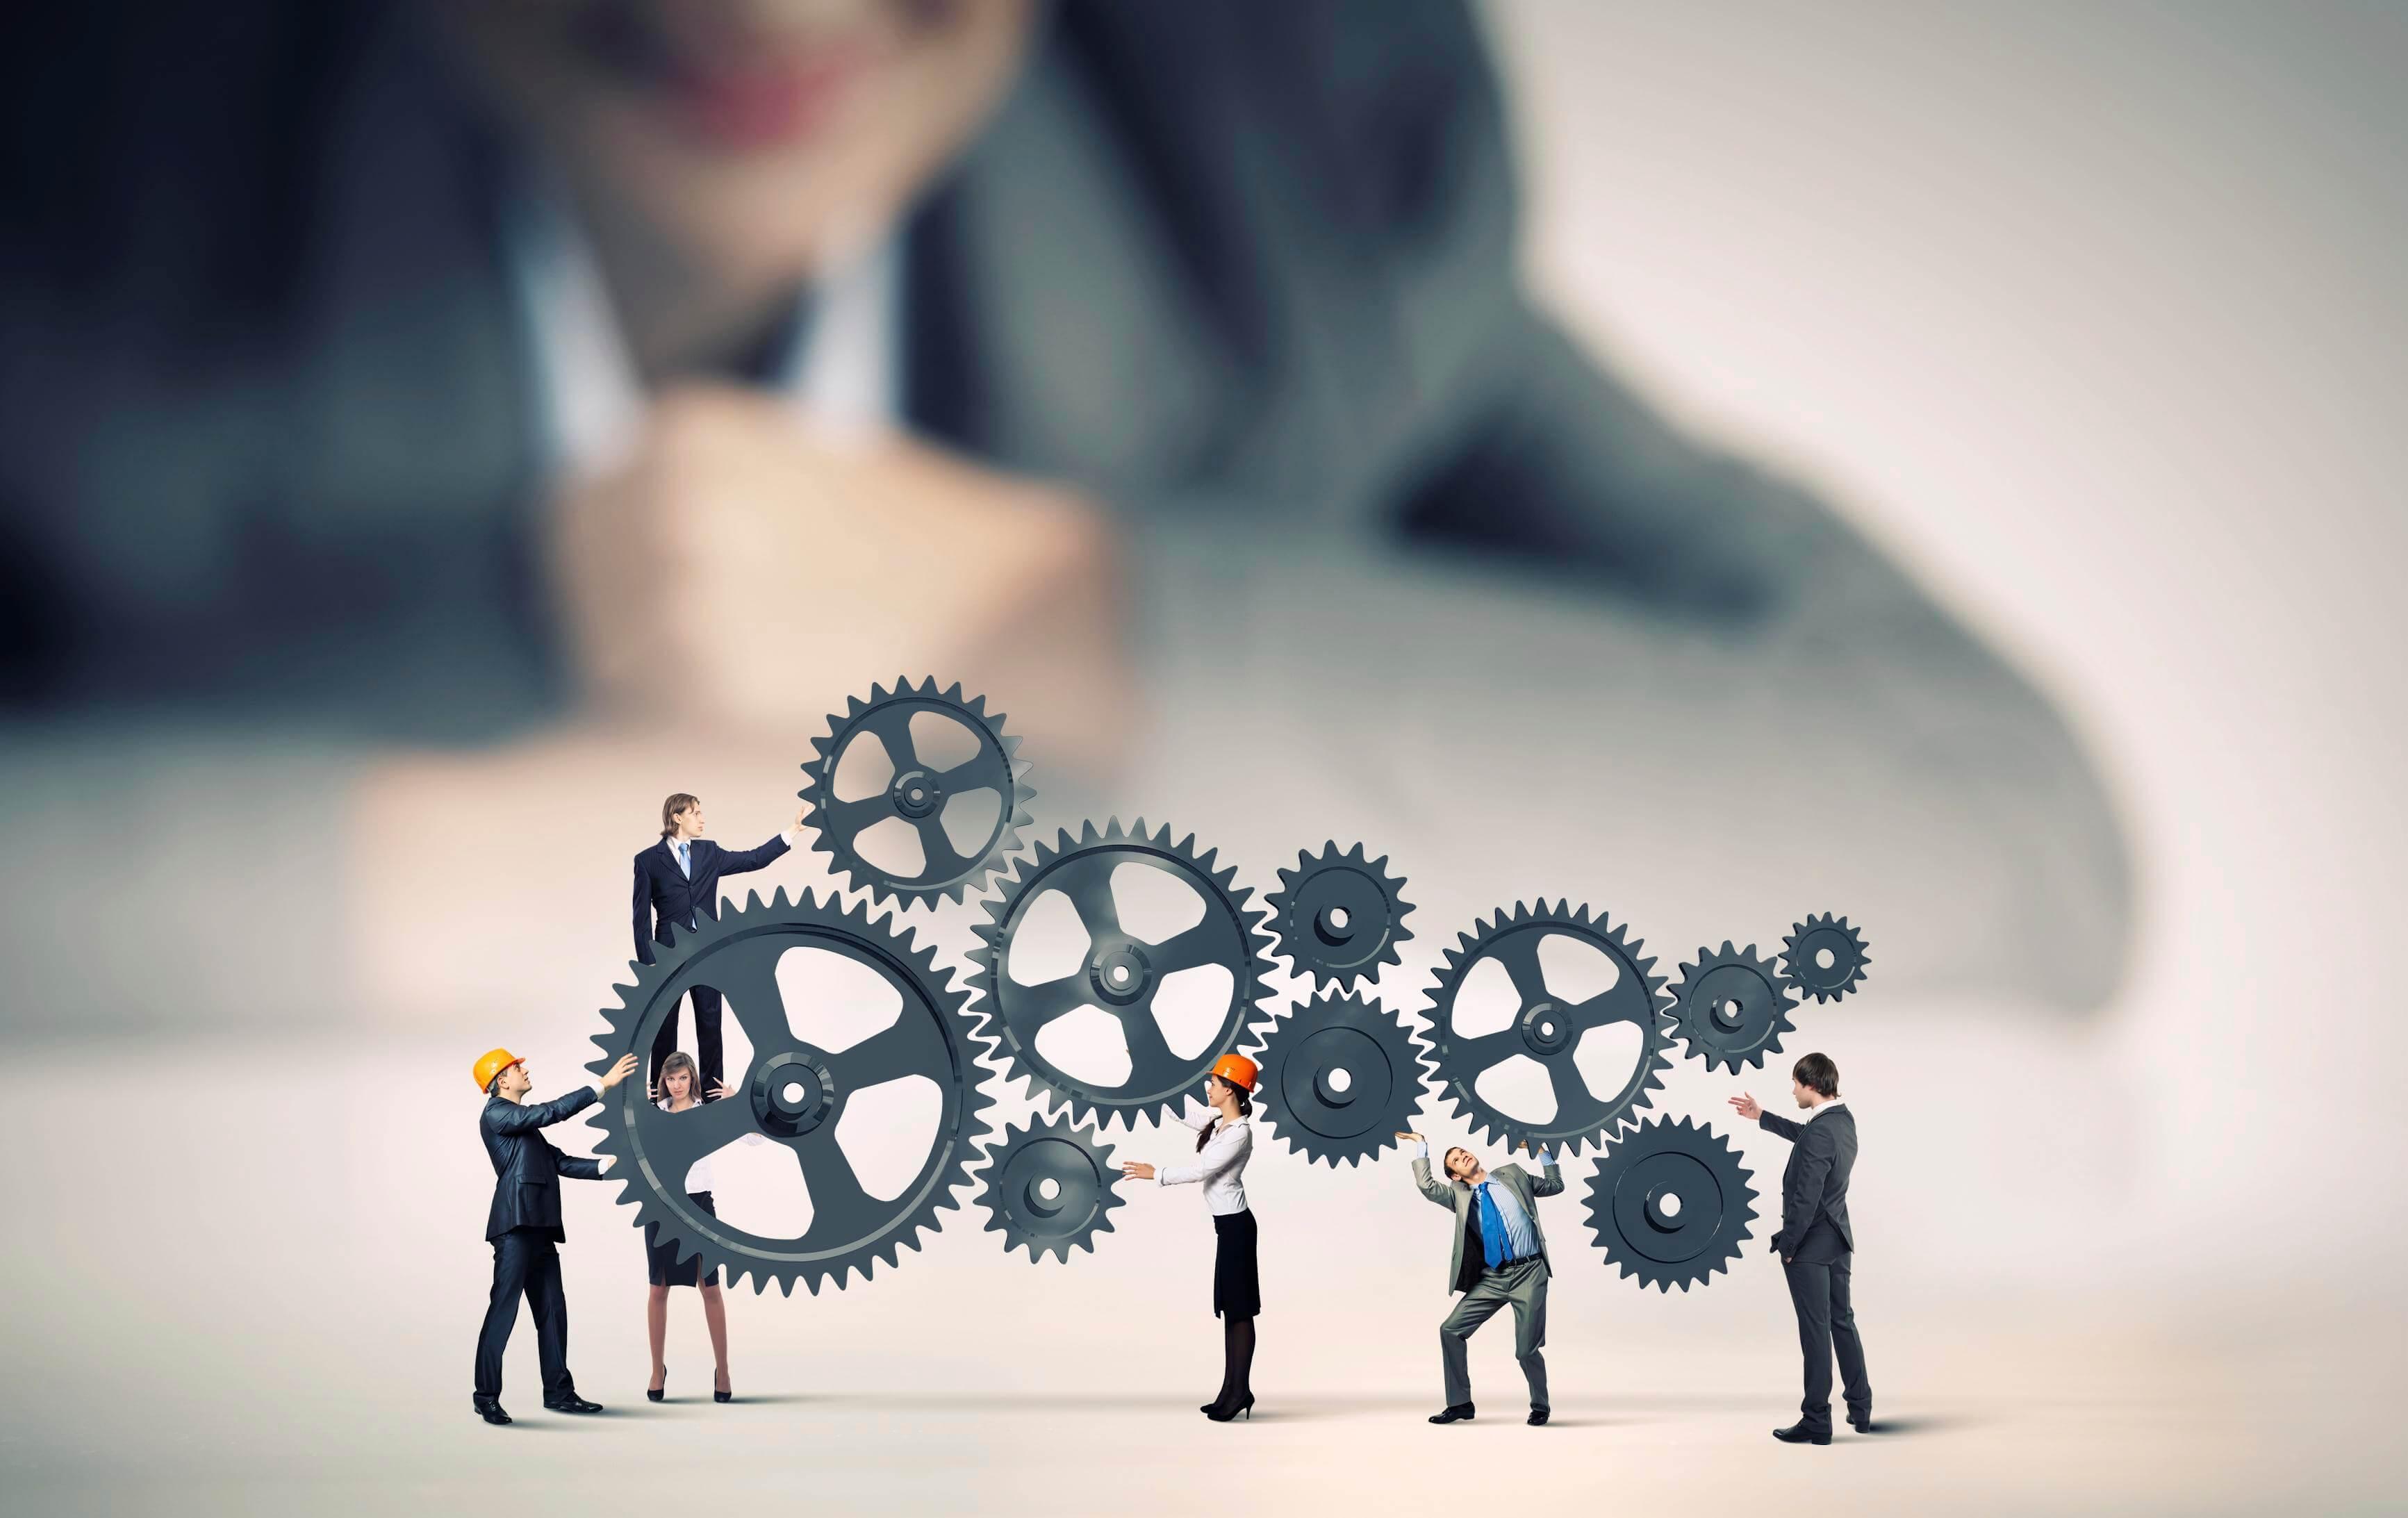 Kinh nghiệm quản trị doanh nghiệp